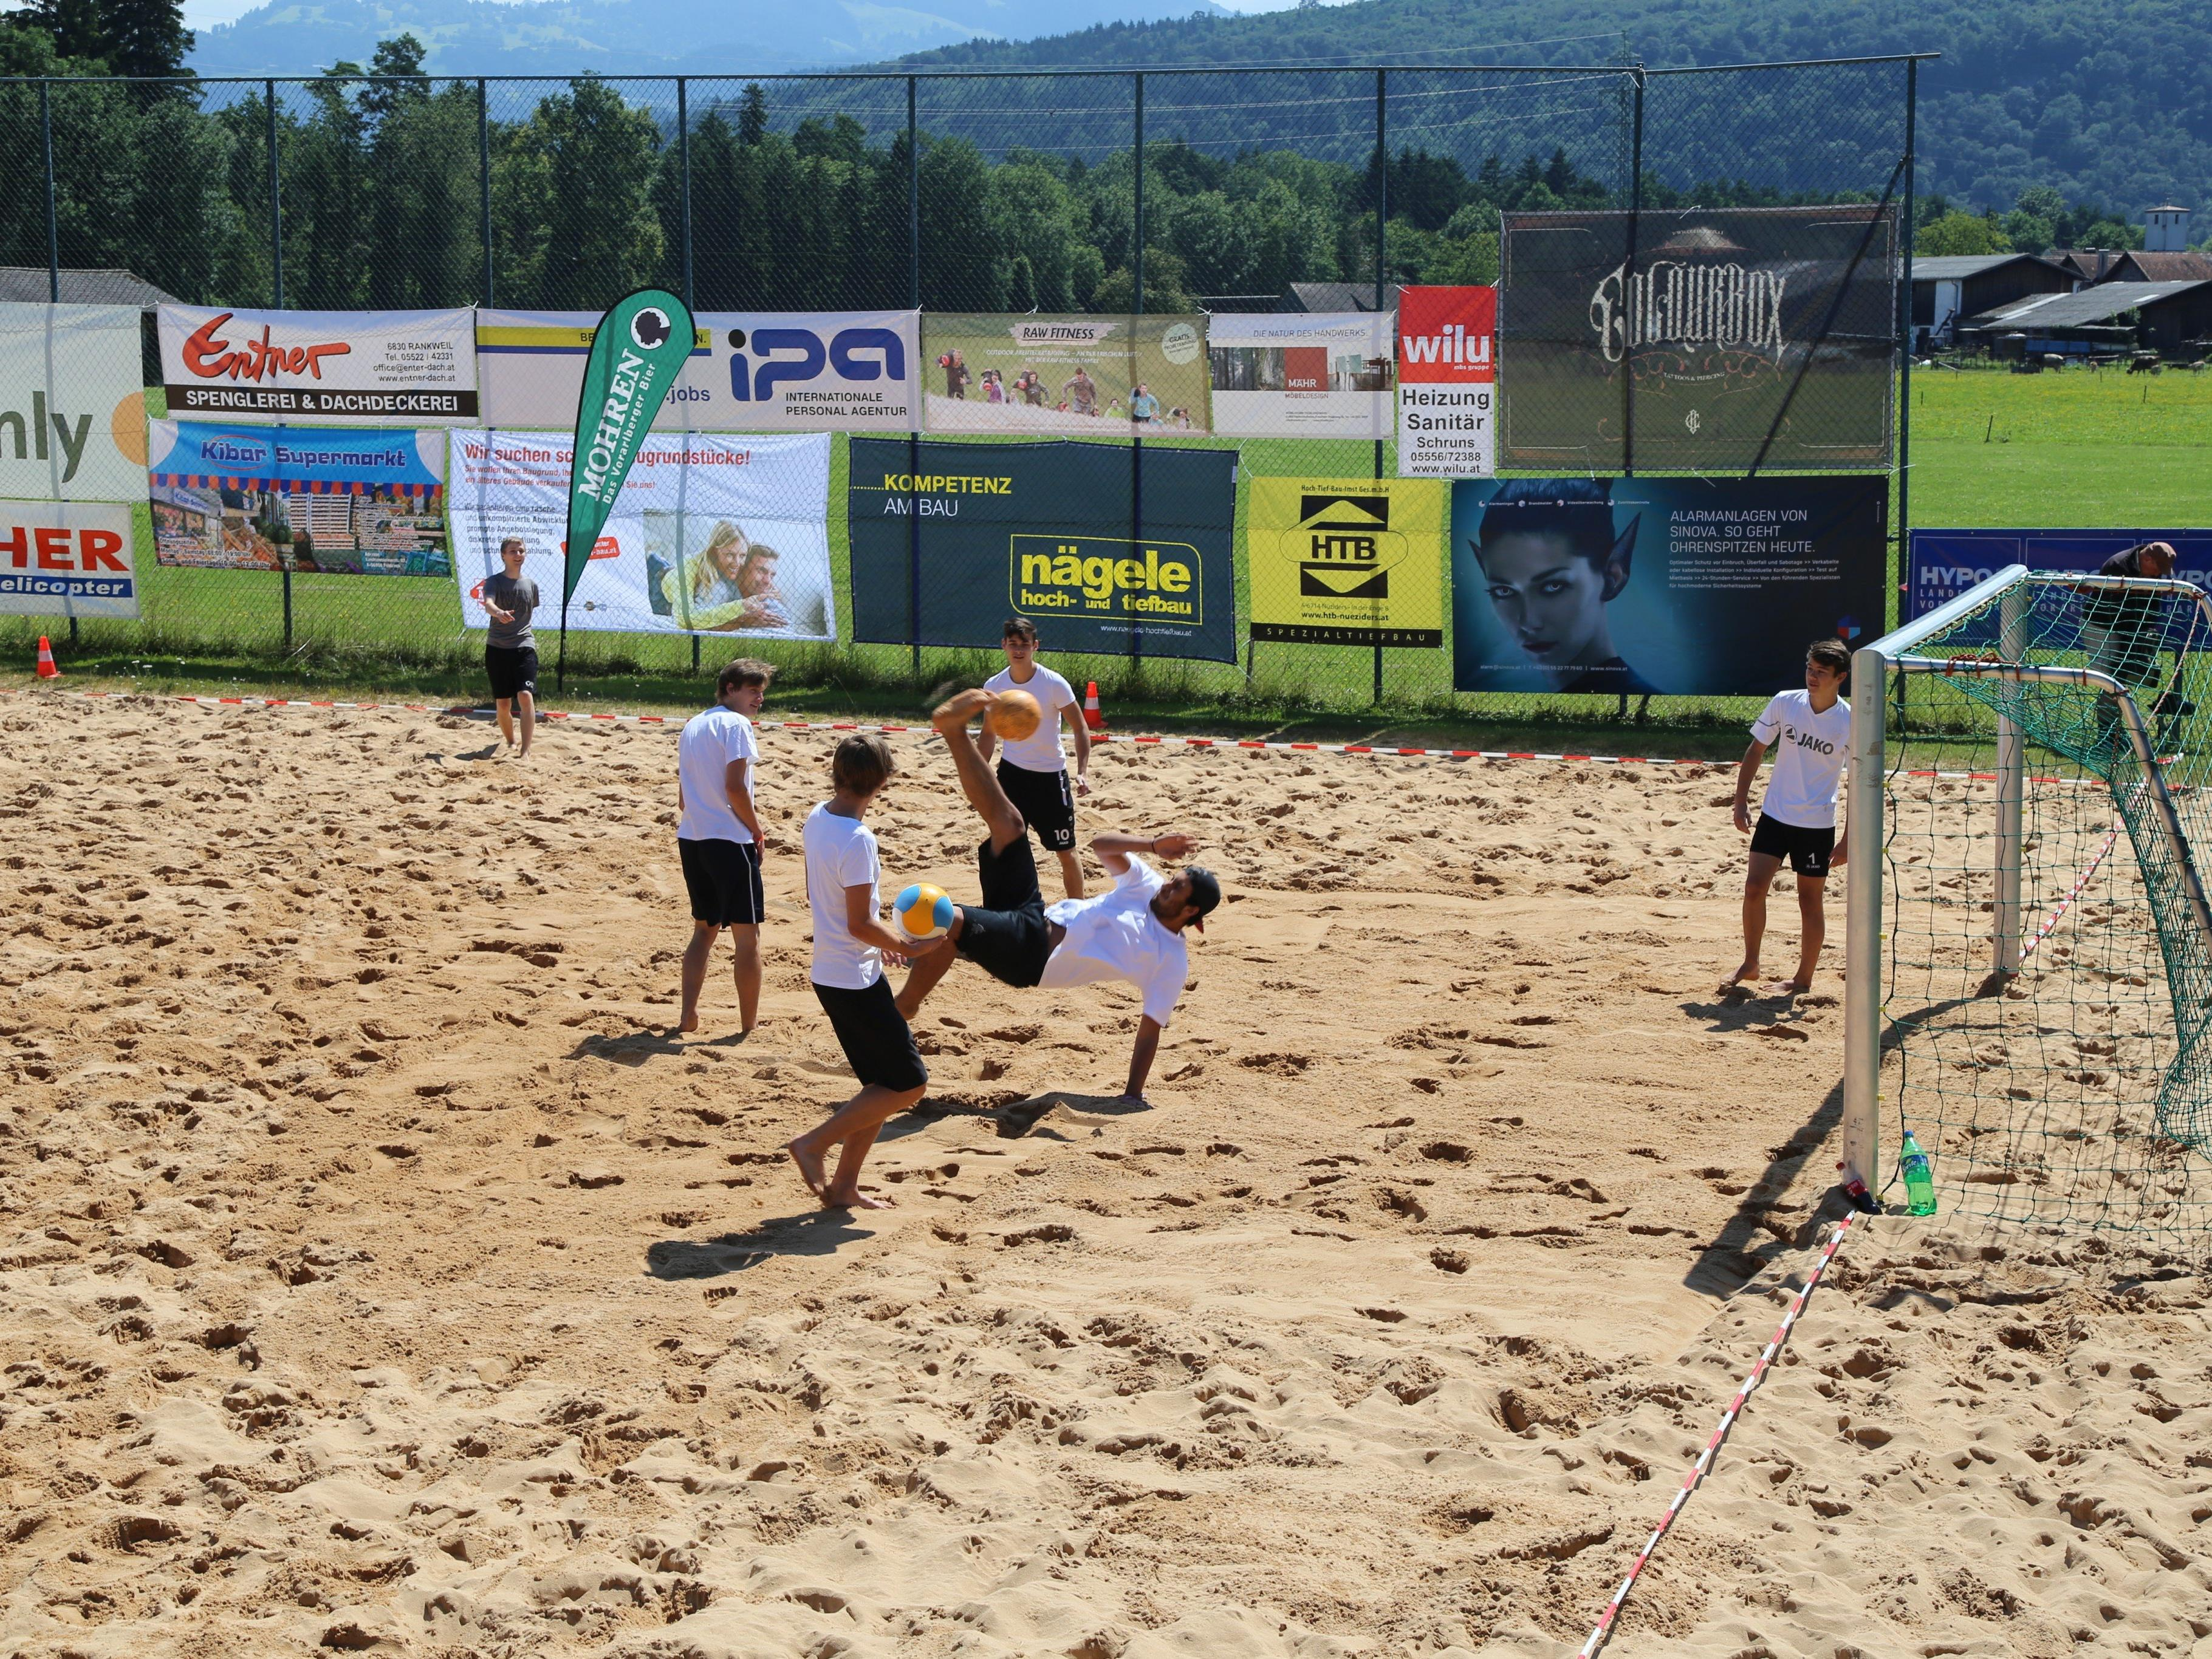 Fallrückzieher, Übersteiger und weitere Tricks wurden auf dem Volleyballplatz gezeigt.